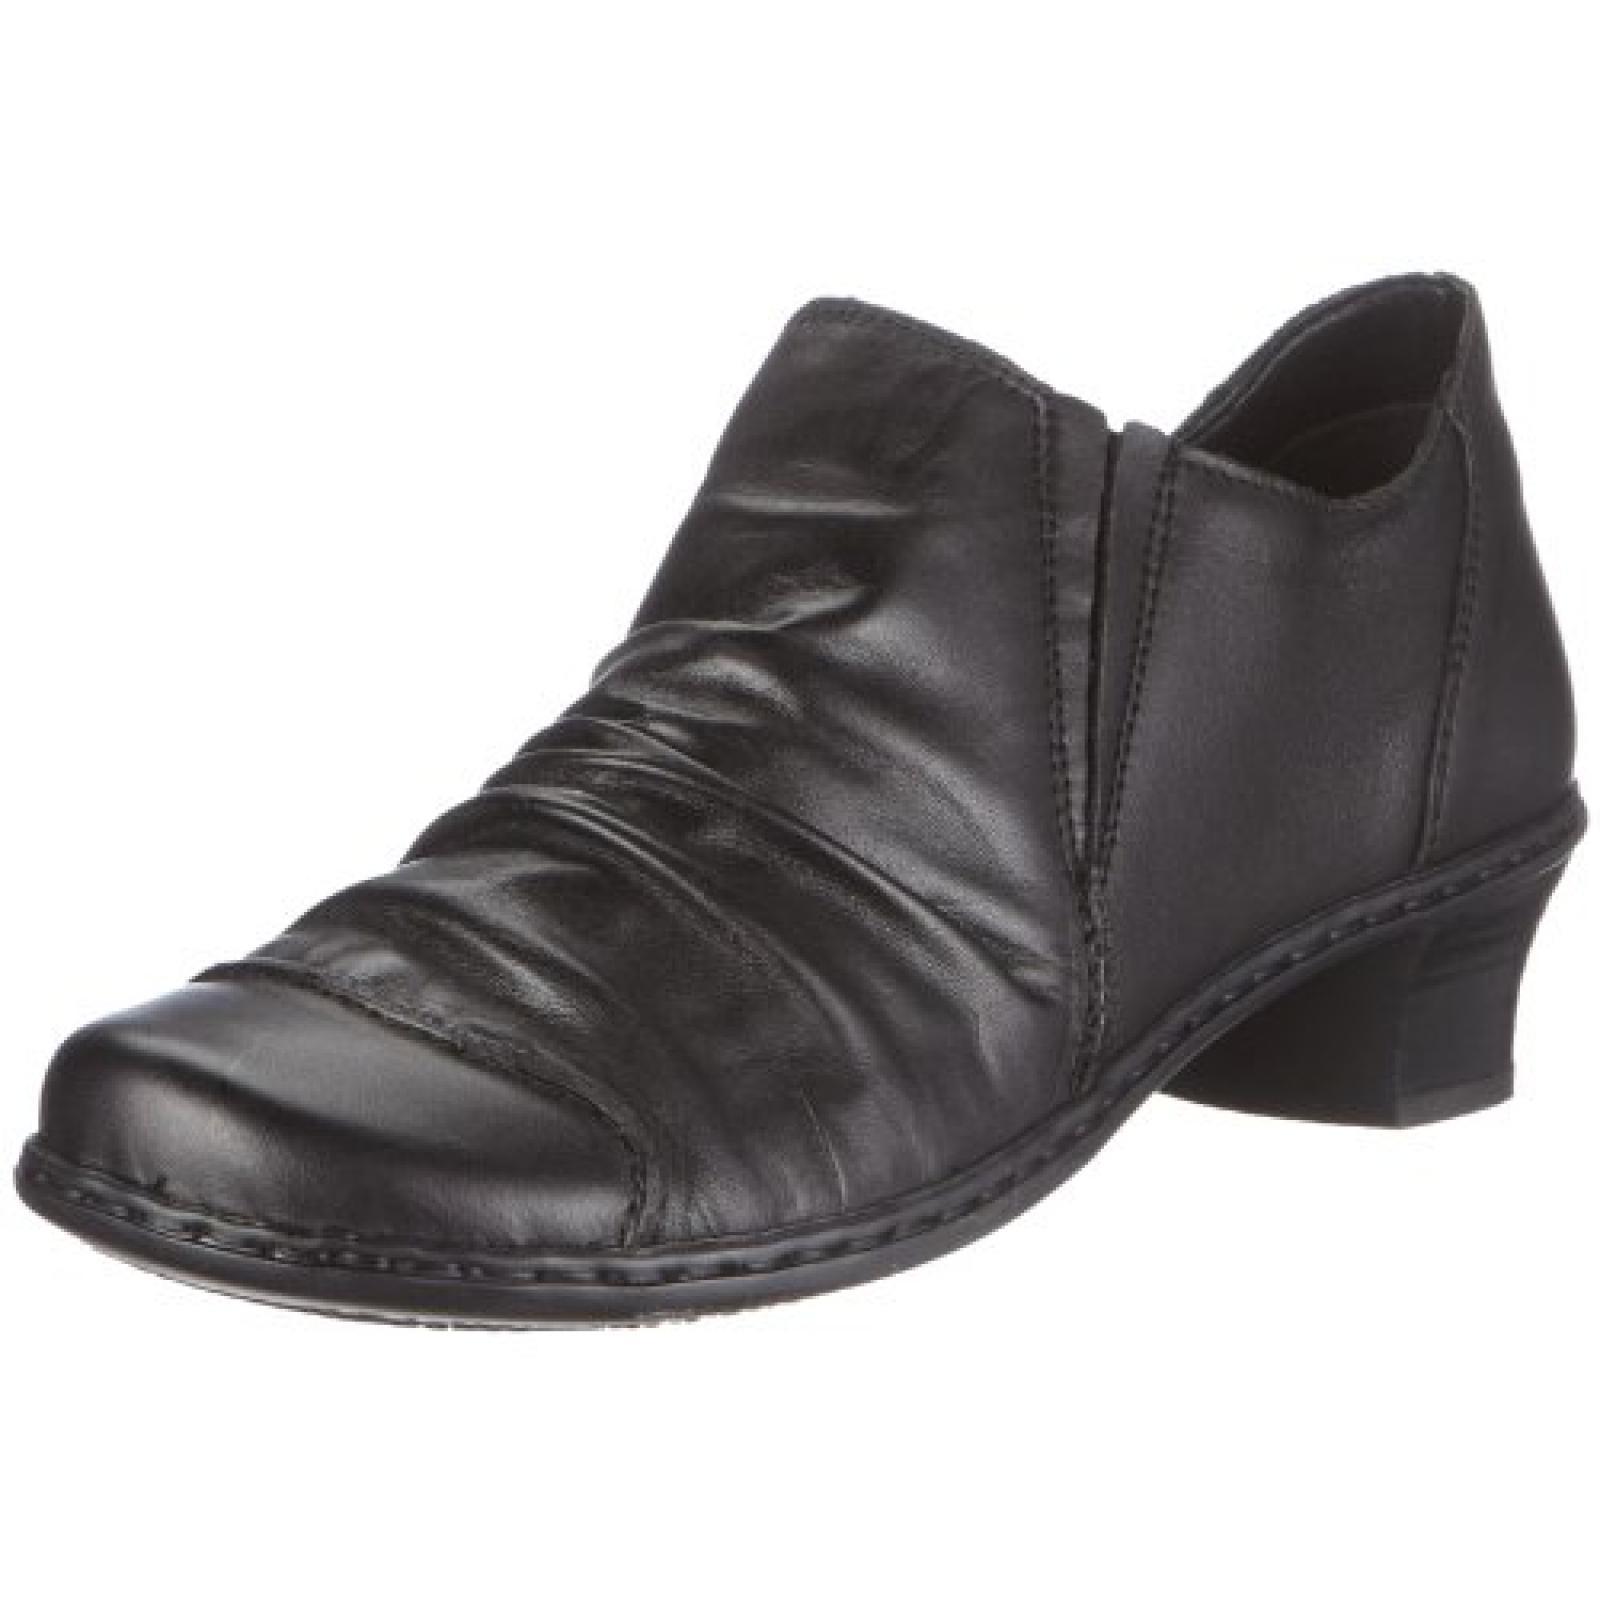 Rieker 52180-00 Damen Slipper